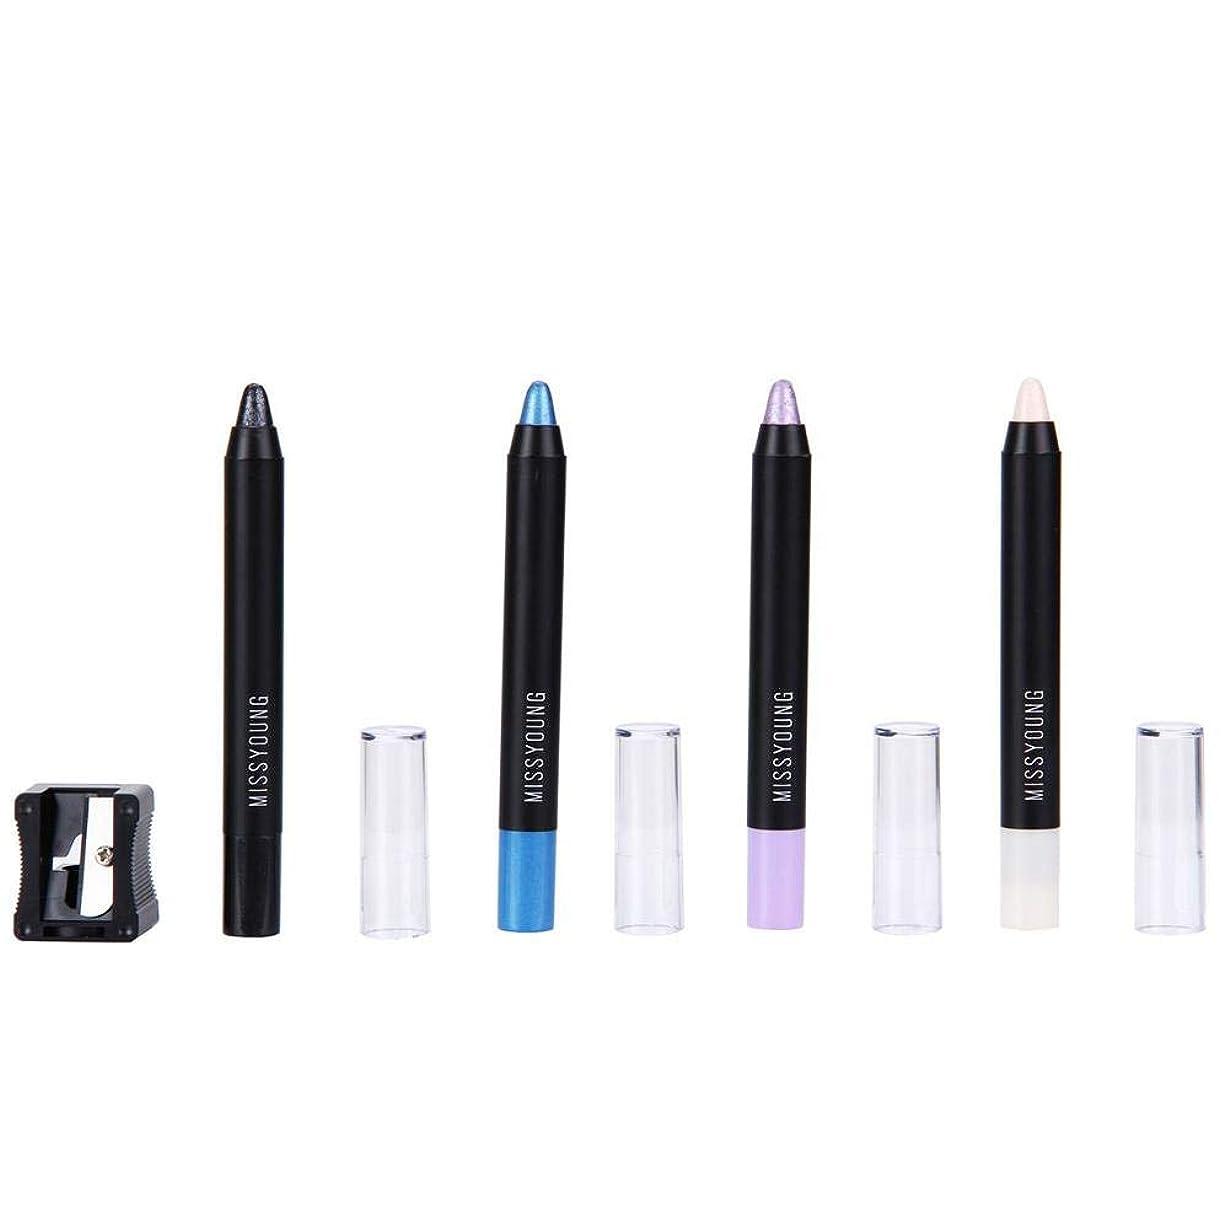 のれんレプリカ呪われたSILUN 防水 アイライナー 化粧美容用 アイブロウペンシル かわいい リップライナー 鉛筆 12カラー 落ちにくい 簡単に色付け 長持ち メイクアップ おしゃれ